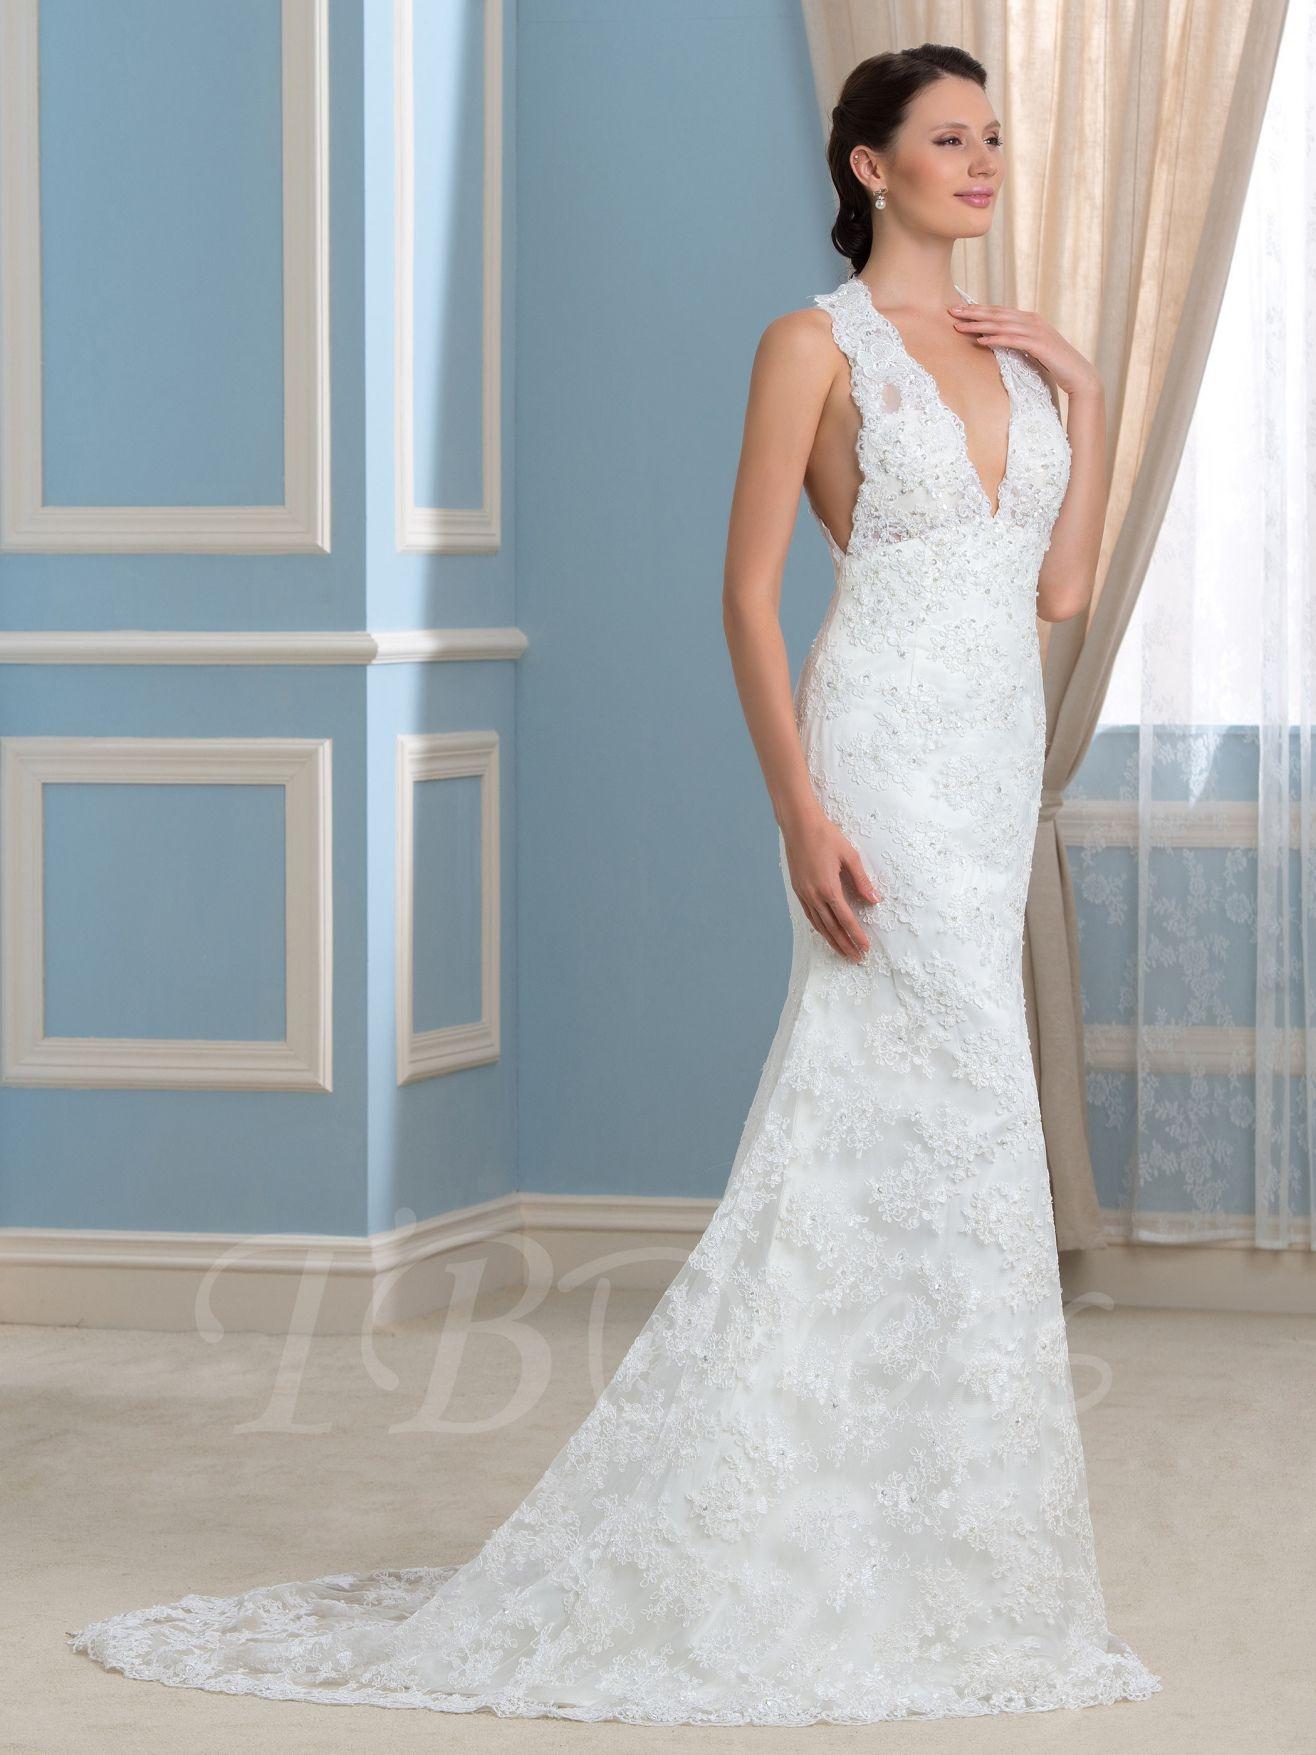 99+ V Neck Backless Wedding Dress - Wedding Dresses for Guests Check ...